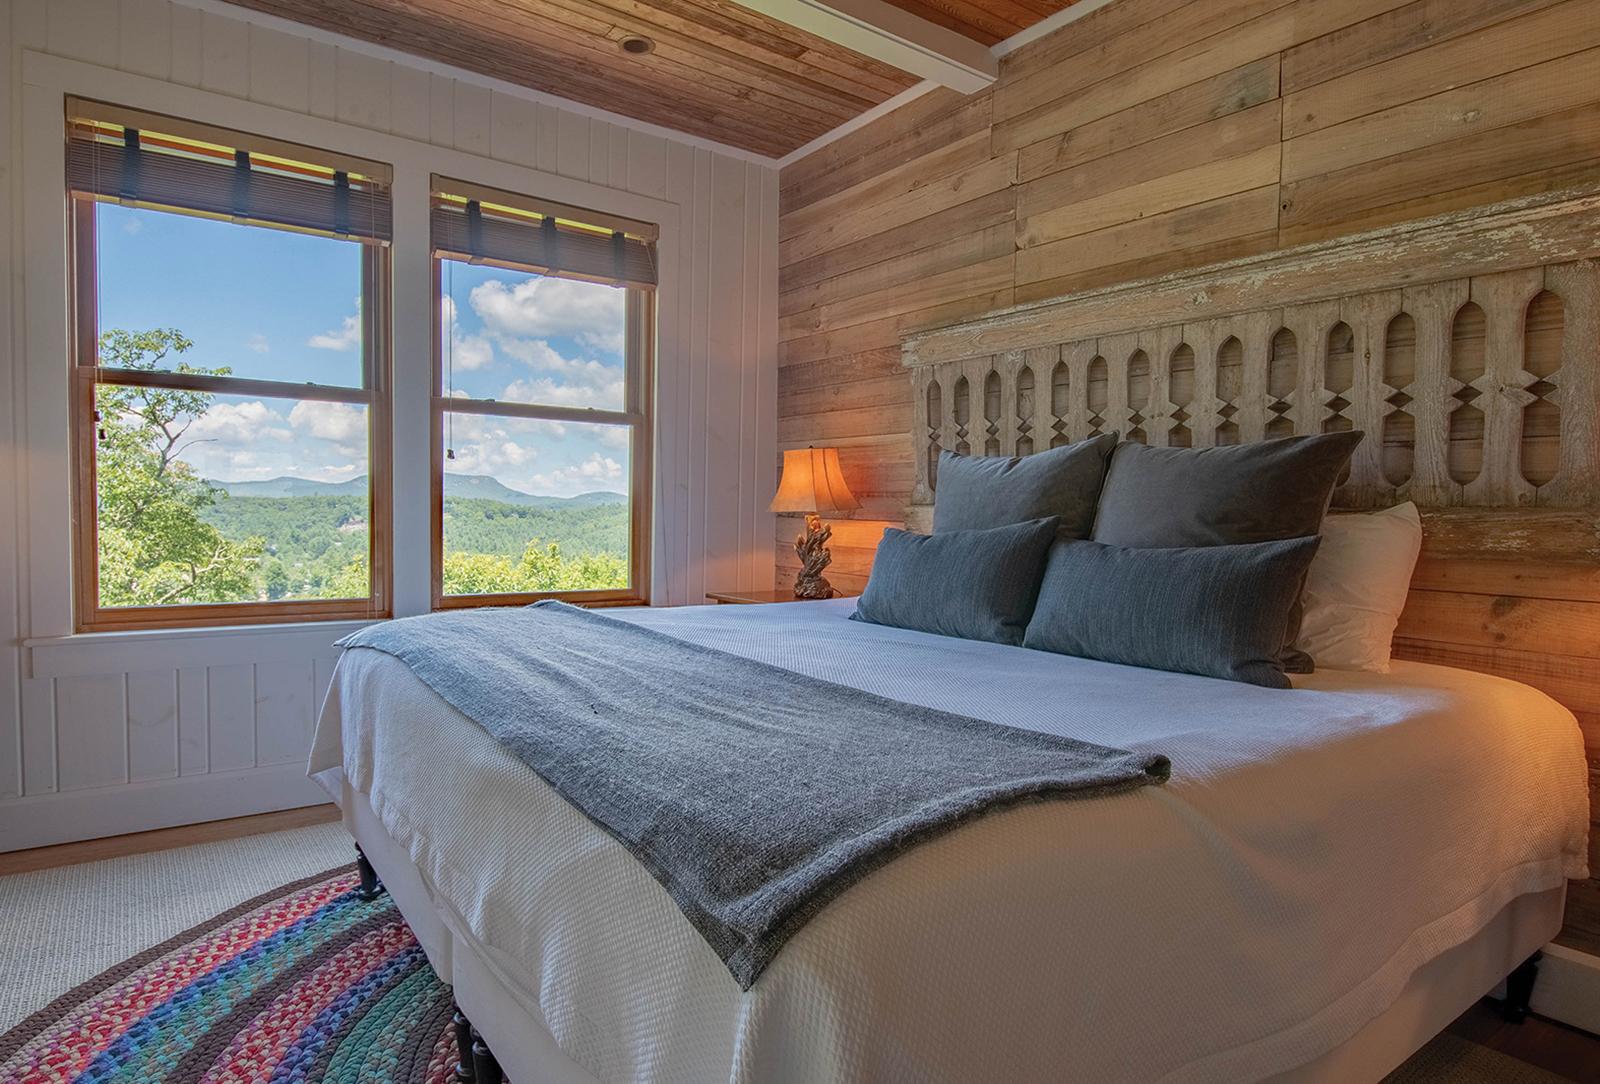 highlands nc homes for sale bedroom